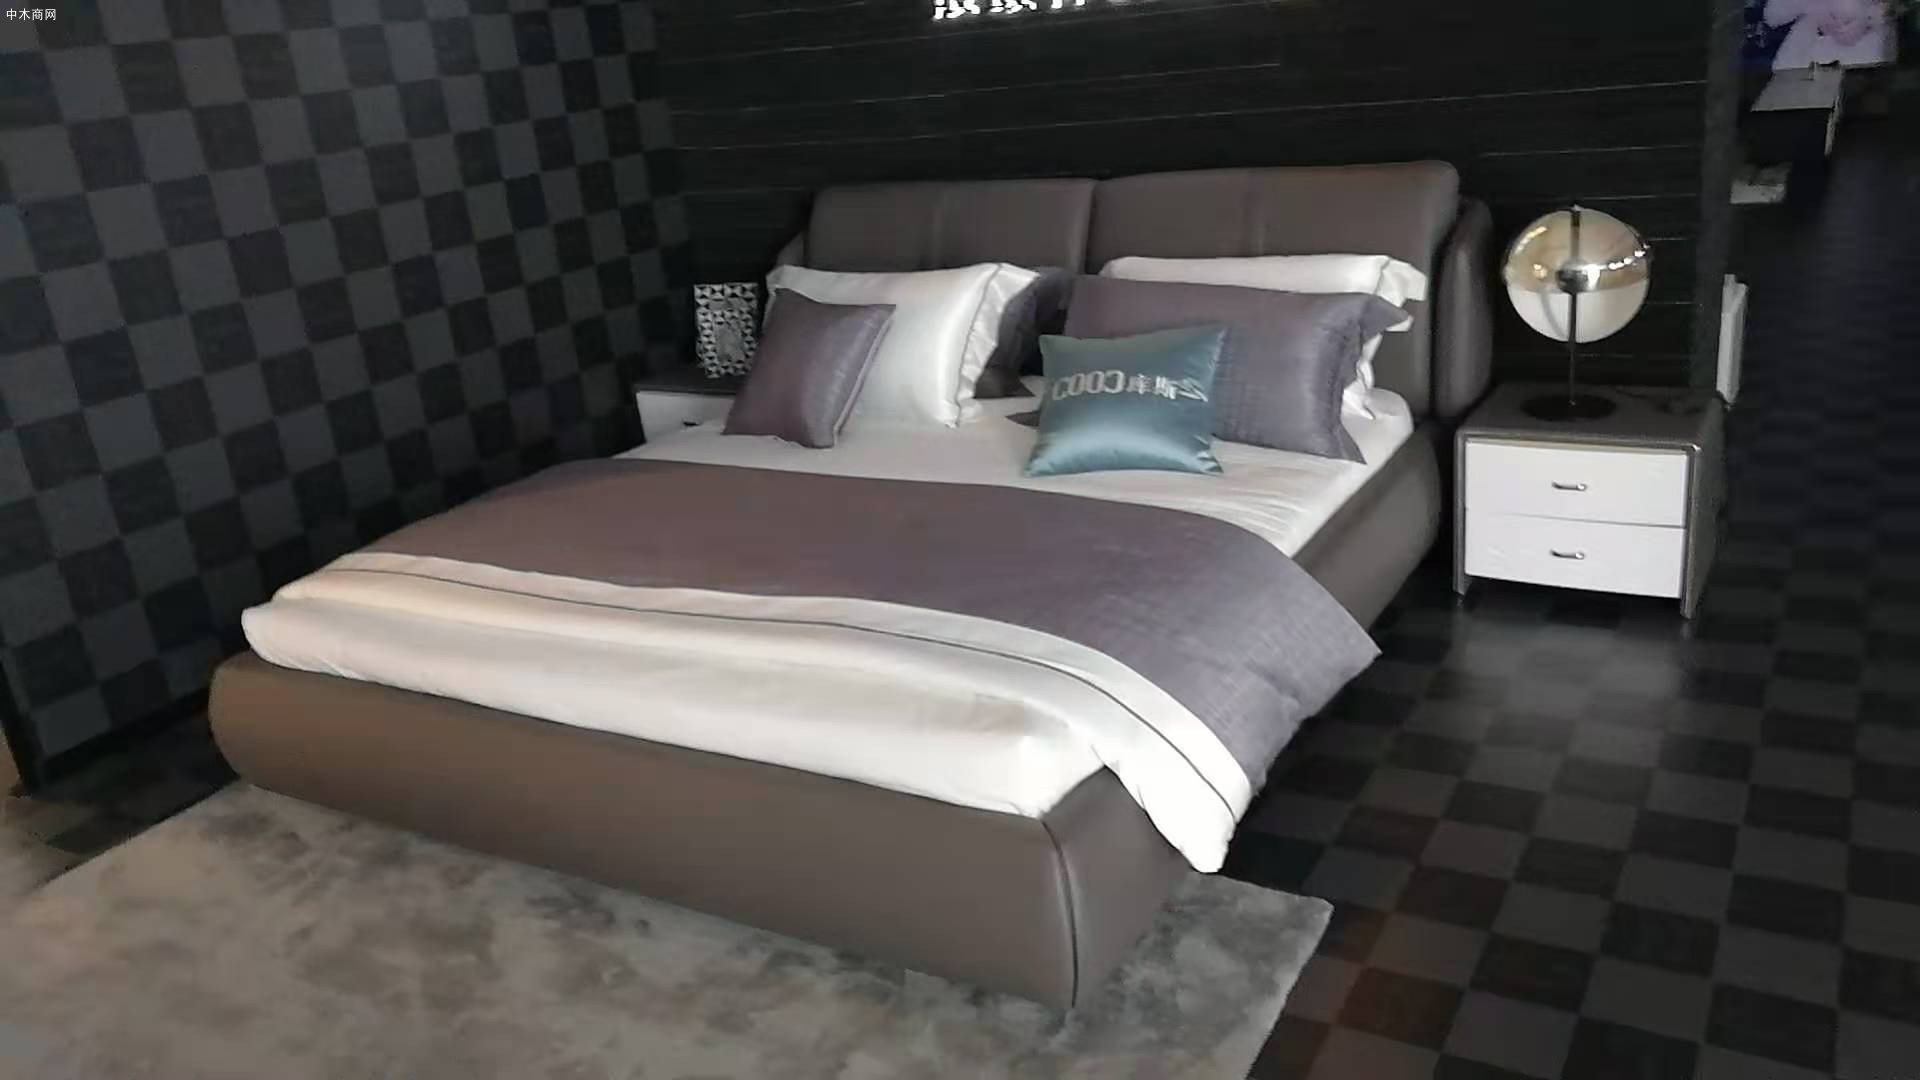 青少年睡软床还是硬床好?软床垫和硬床垫哪个对身体更好价格